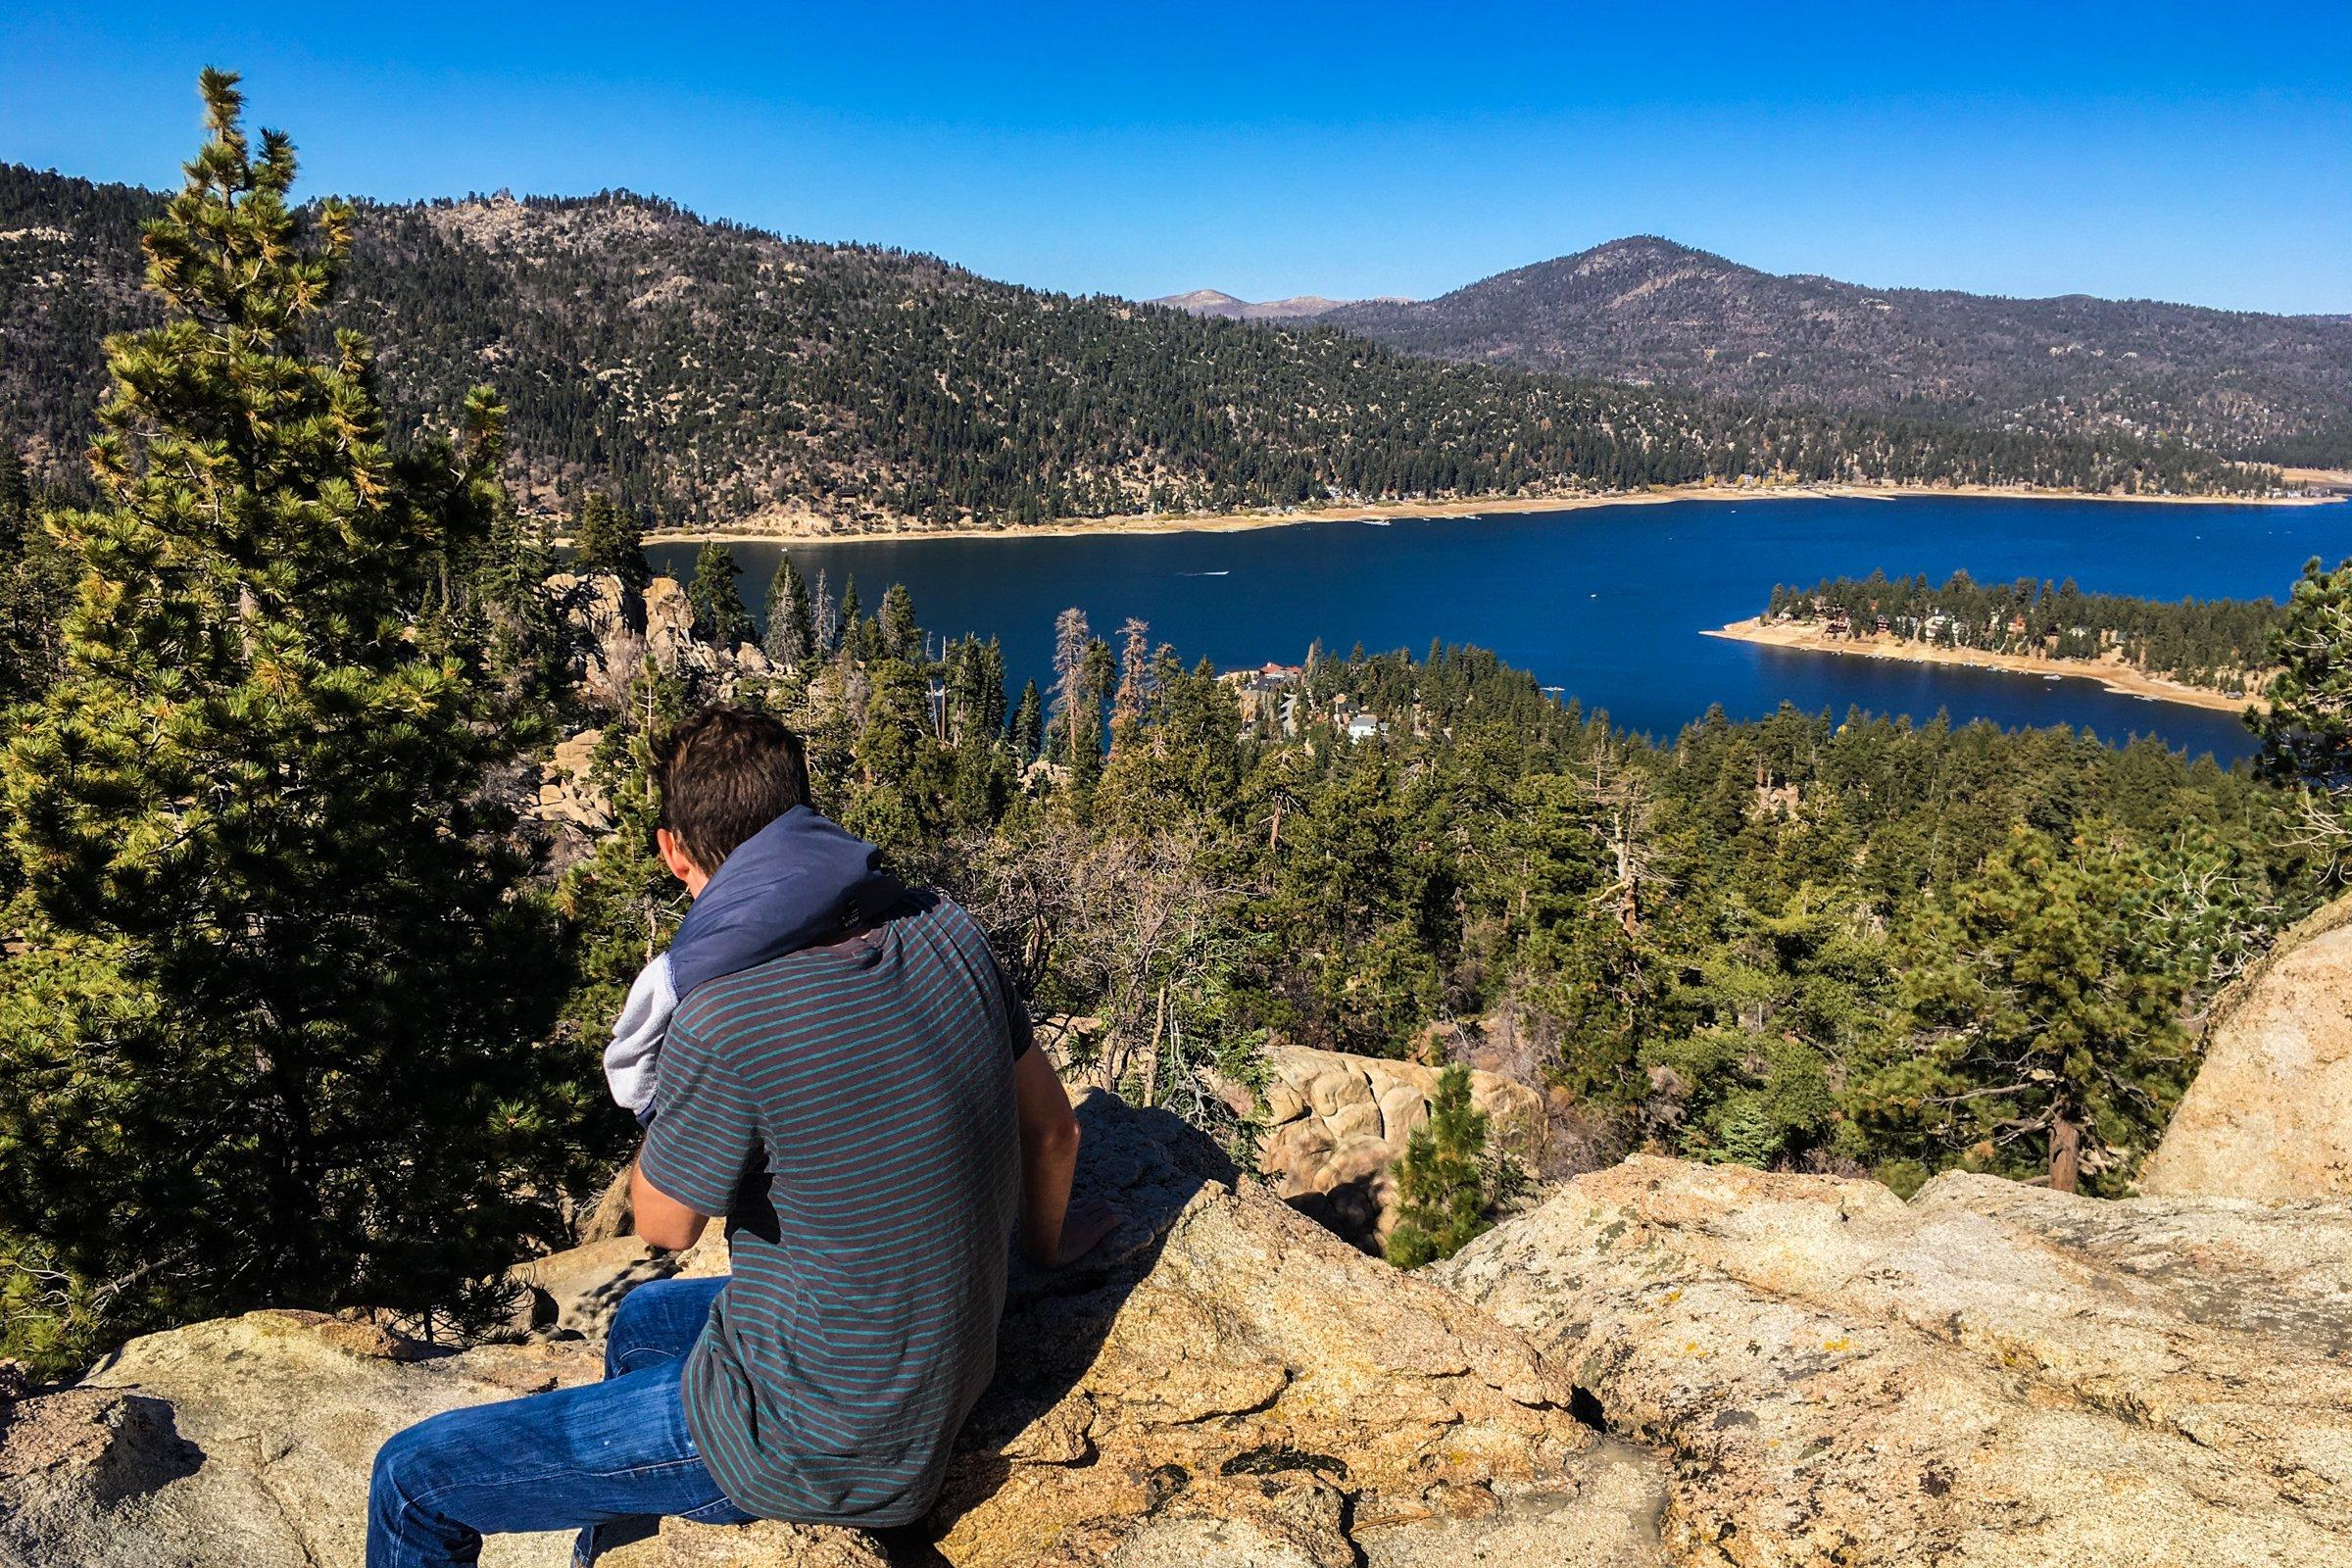 Man Sitting on Rocks Gazing at Lake